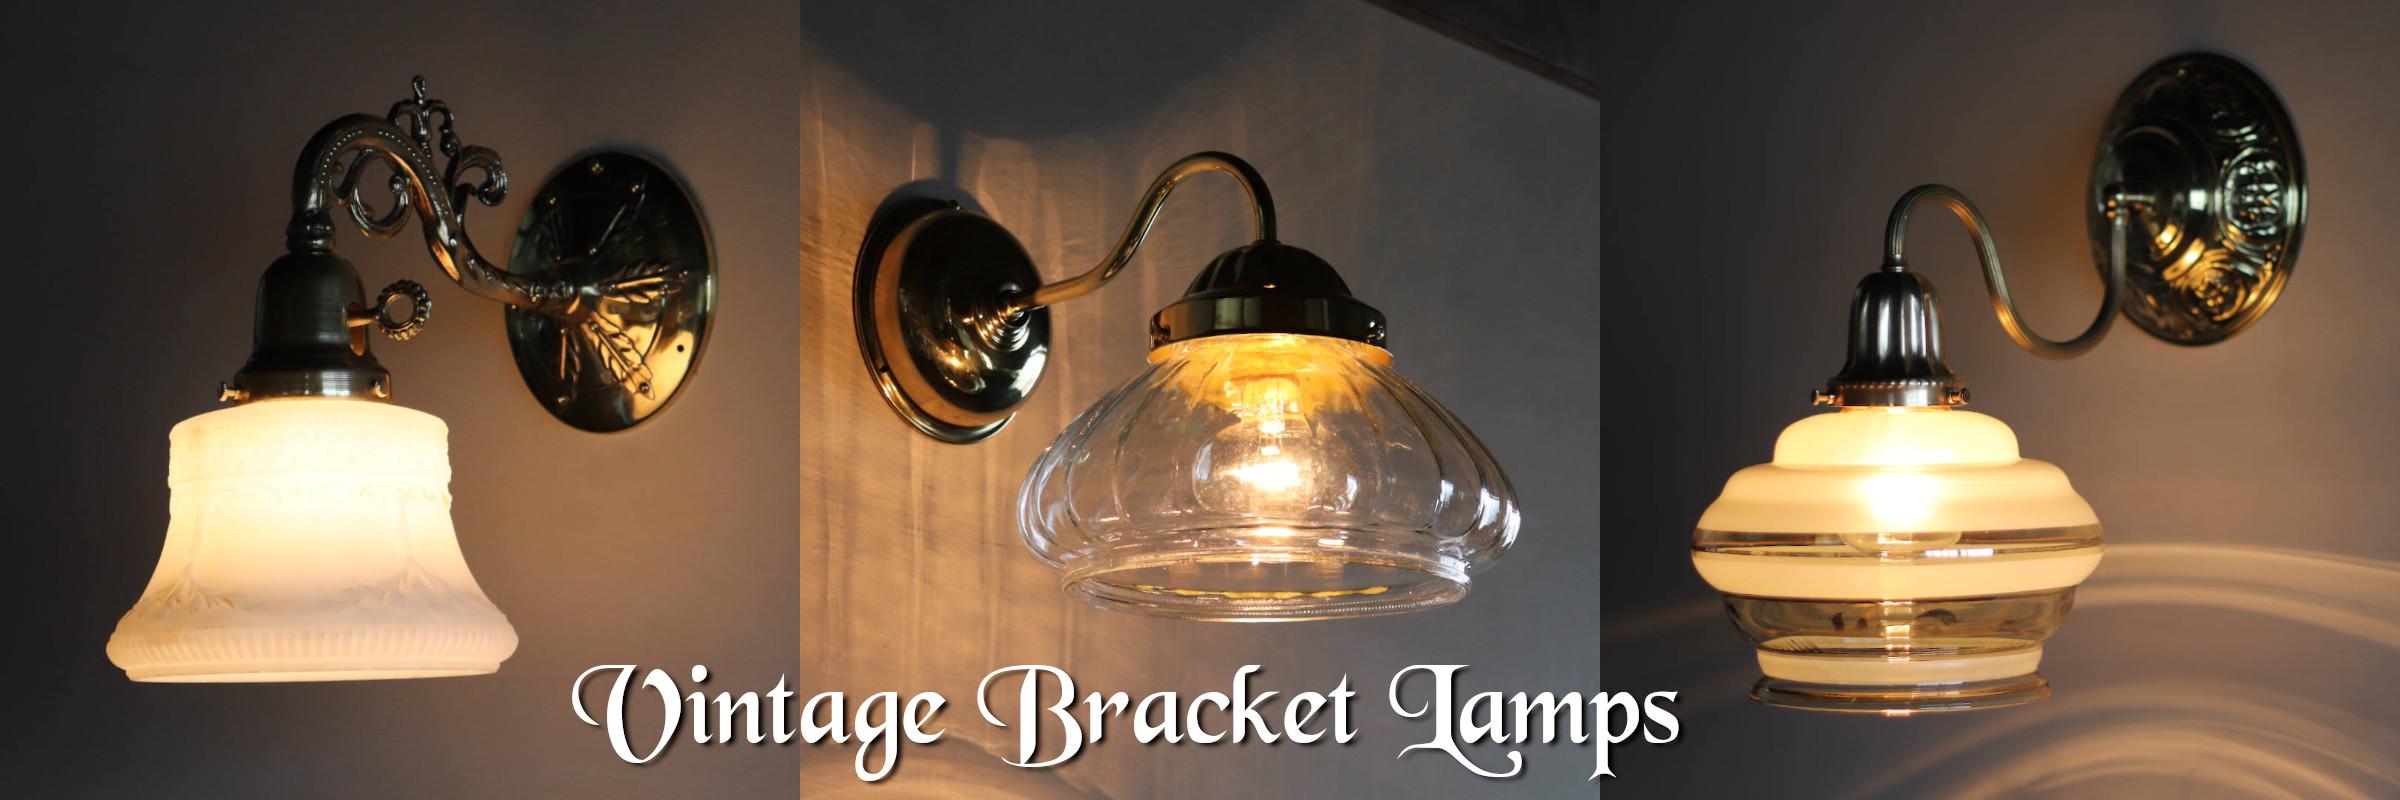 アンティーク照明|USAヴィンテージガラスシェード付きブラケットライト壁掛け照明